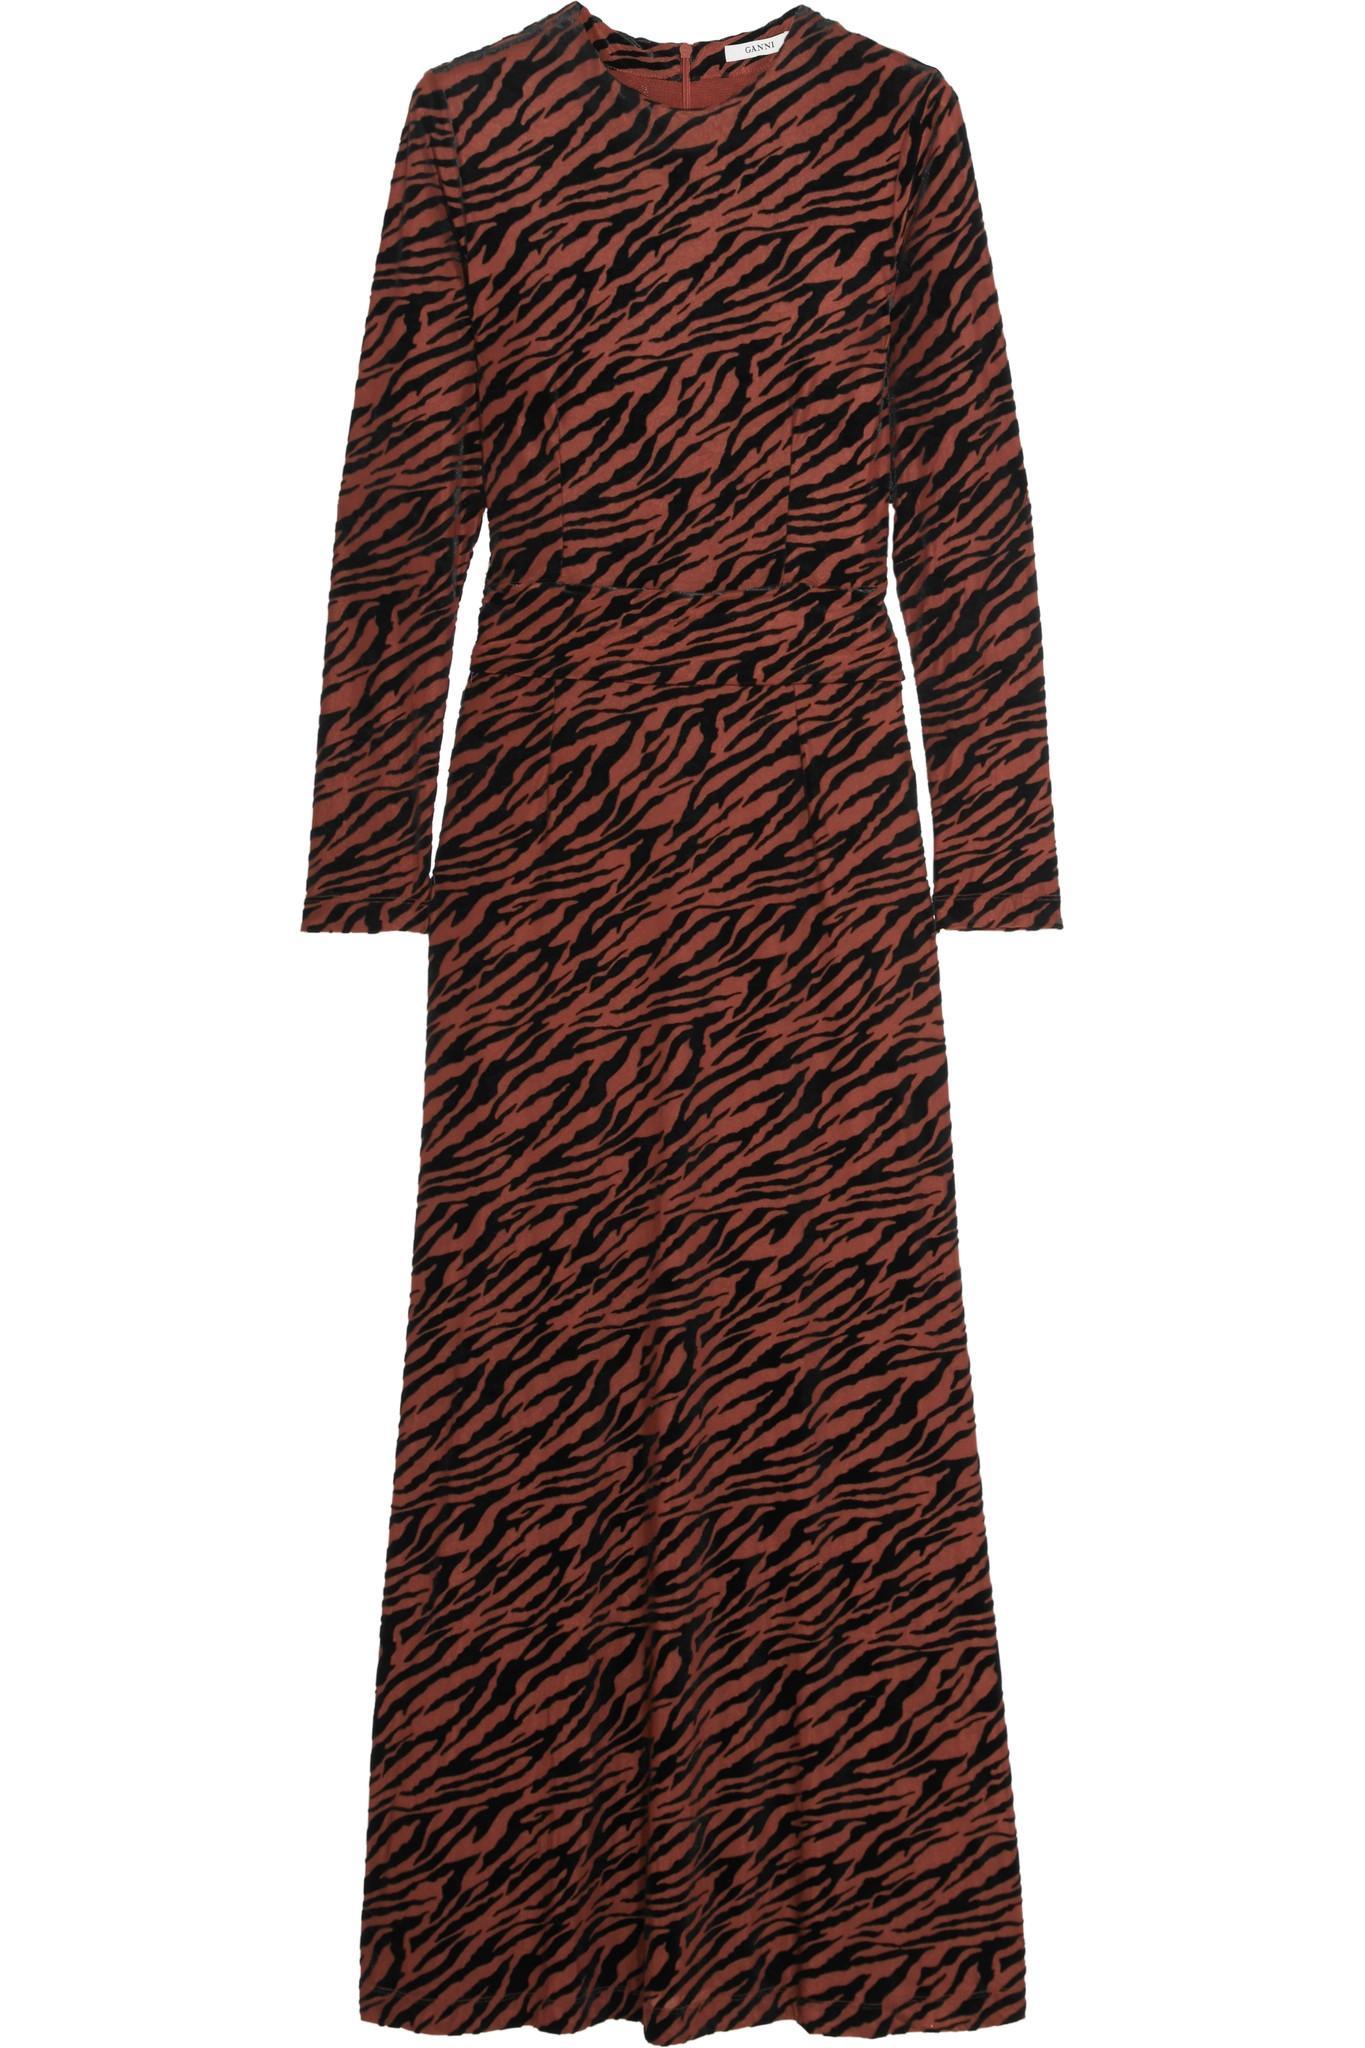 1f0ab8bd Ganni Adrian Flocked Stretch-tulle Maxi Dress in Brown - Lyst